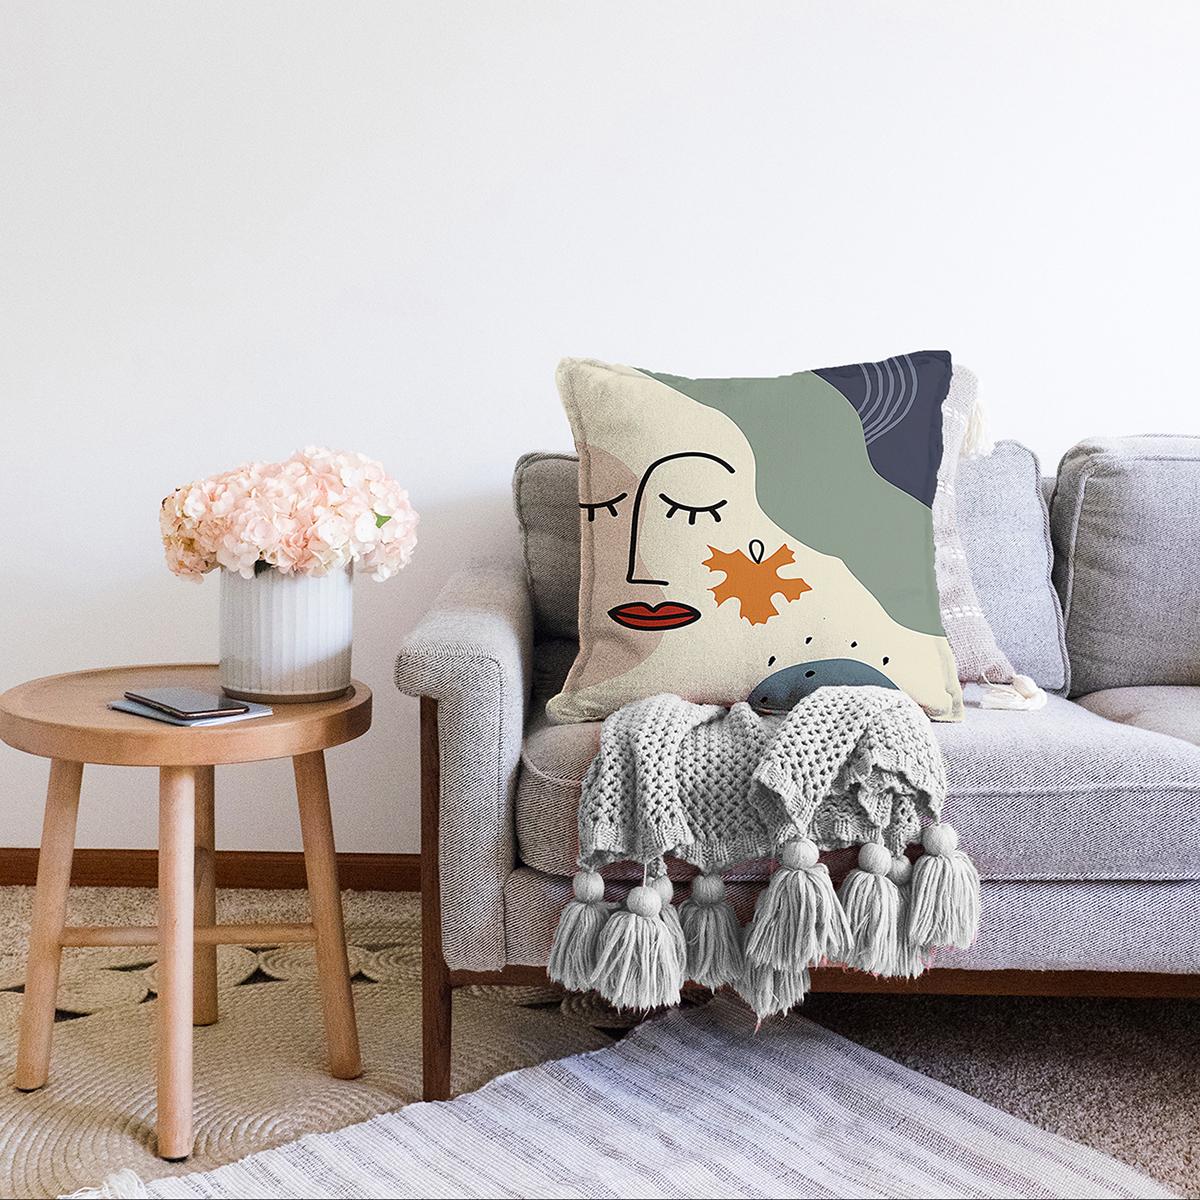 Çift Taraflı Pastel Zemin Üzerinde Onedraw Çizimli Bayan Silüeti Şönil Yastık Kırlent Kılıfı Realhomes